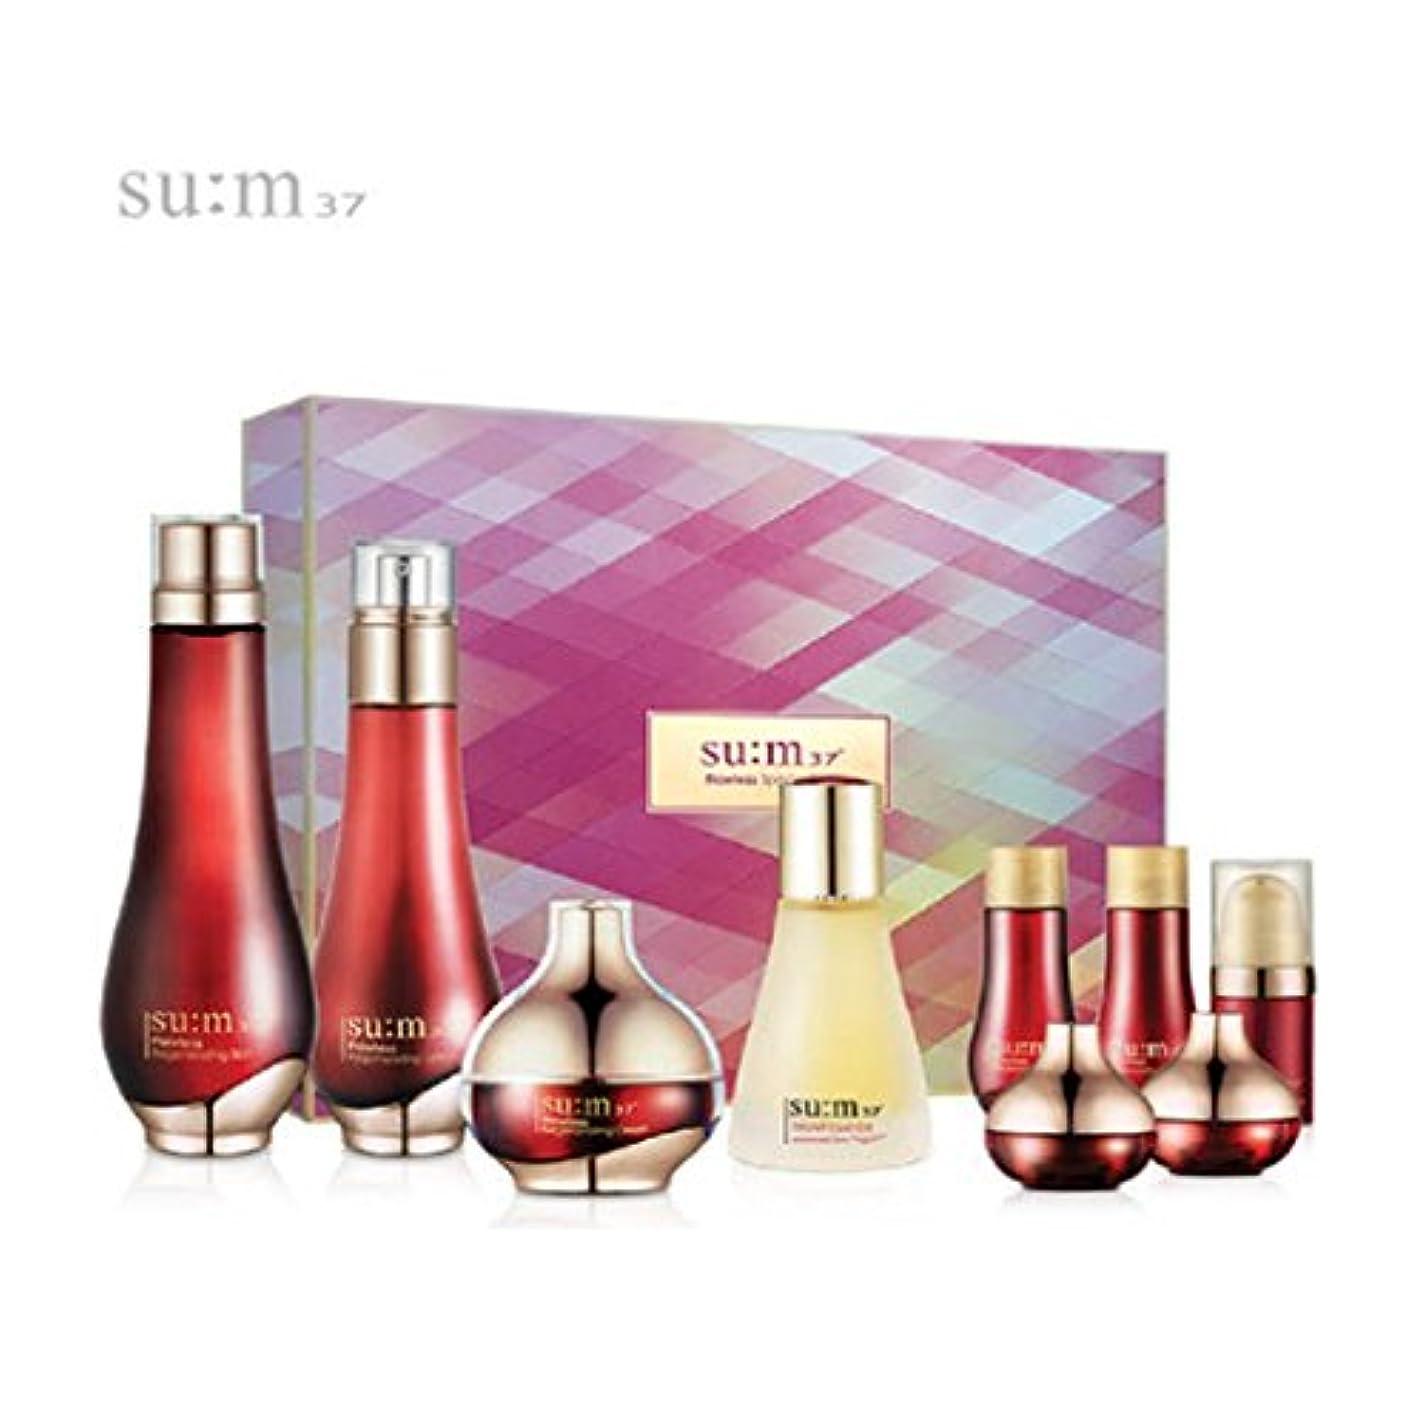 ヒステリックささいな注目すべき[su:m37/スム37°]Flawless 3pcs Special Limited Skincare Set/フローレス3種のスキンケアセット + [Sample Gift](海外直送品)